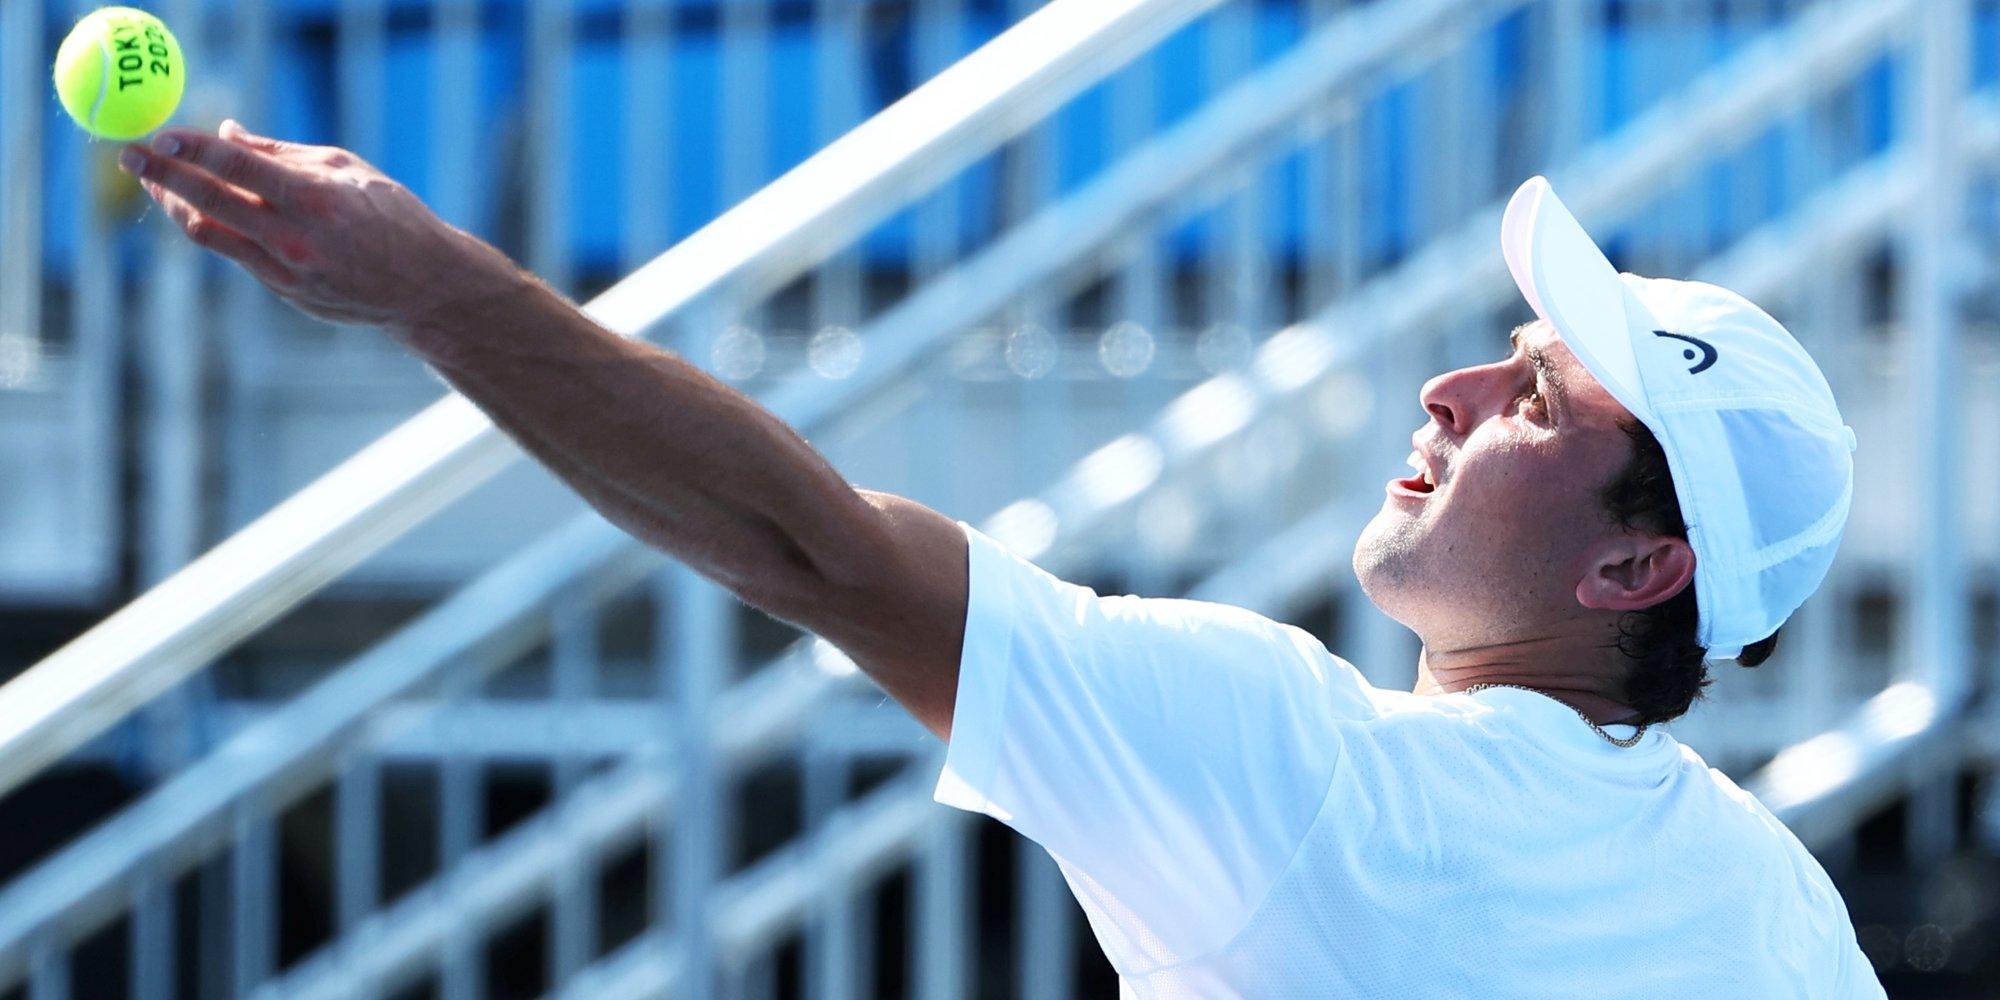 Камбэк Карацева на US Open, стартовые матчи КХЛ, результаты квалификации ЧМ-2022 и другие ночные новости